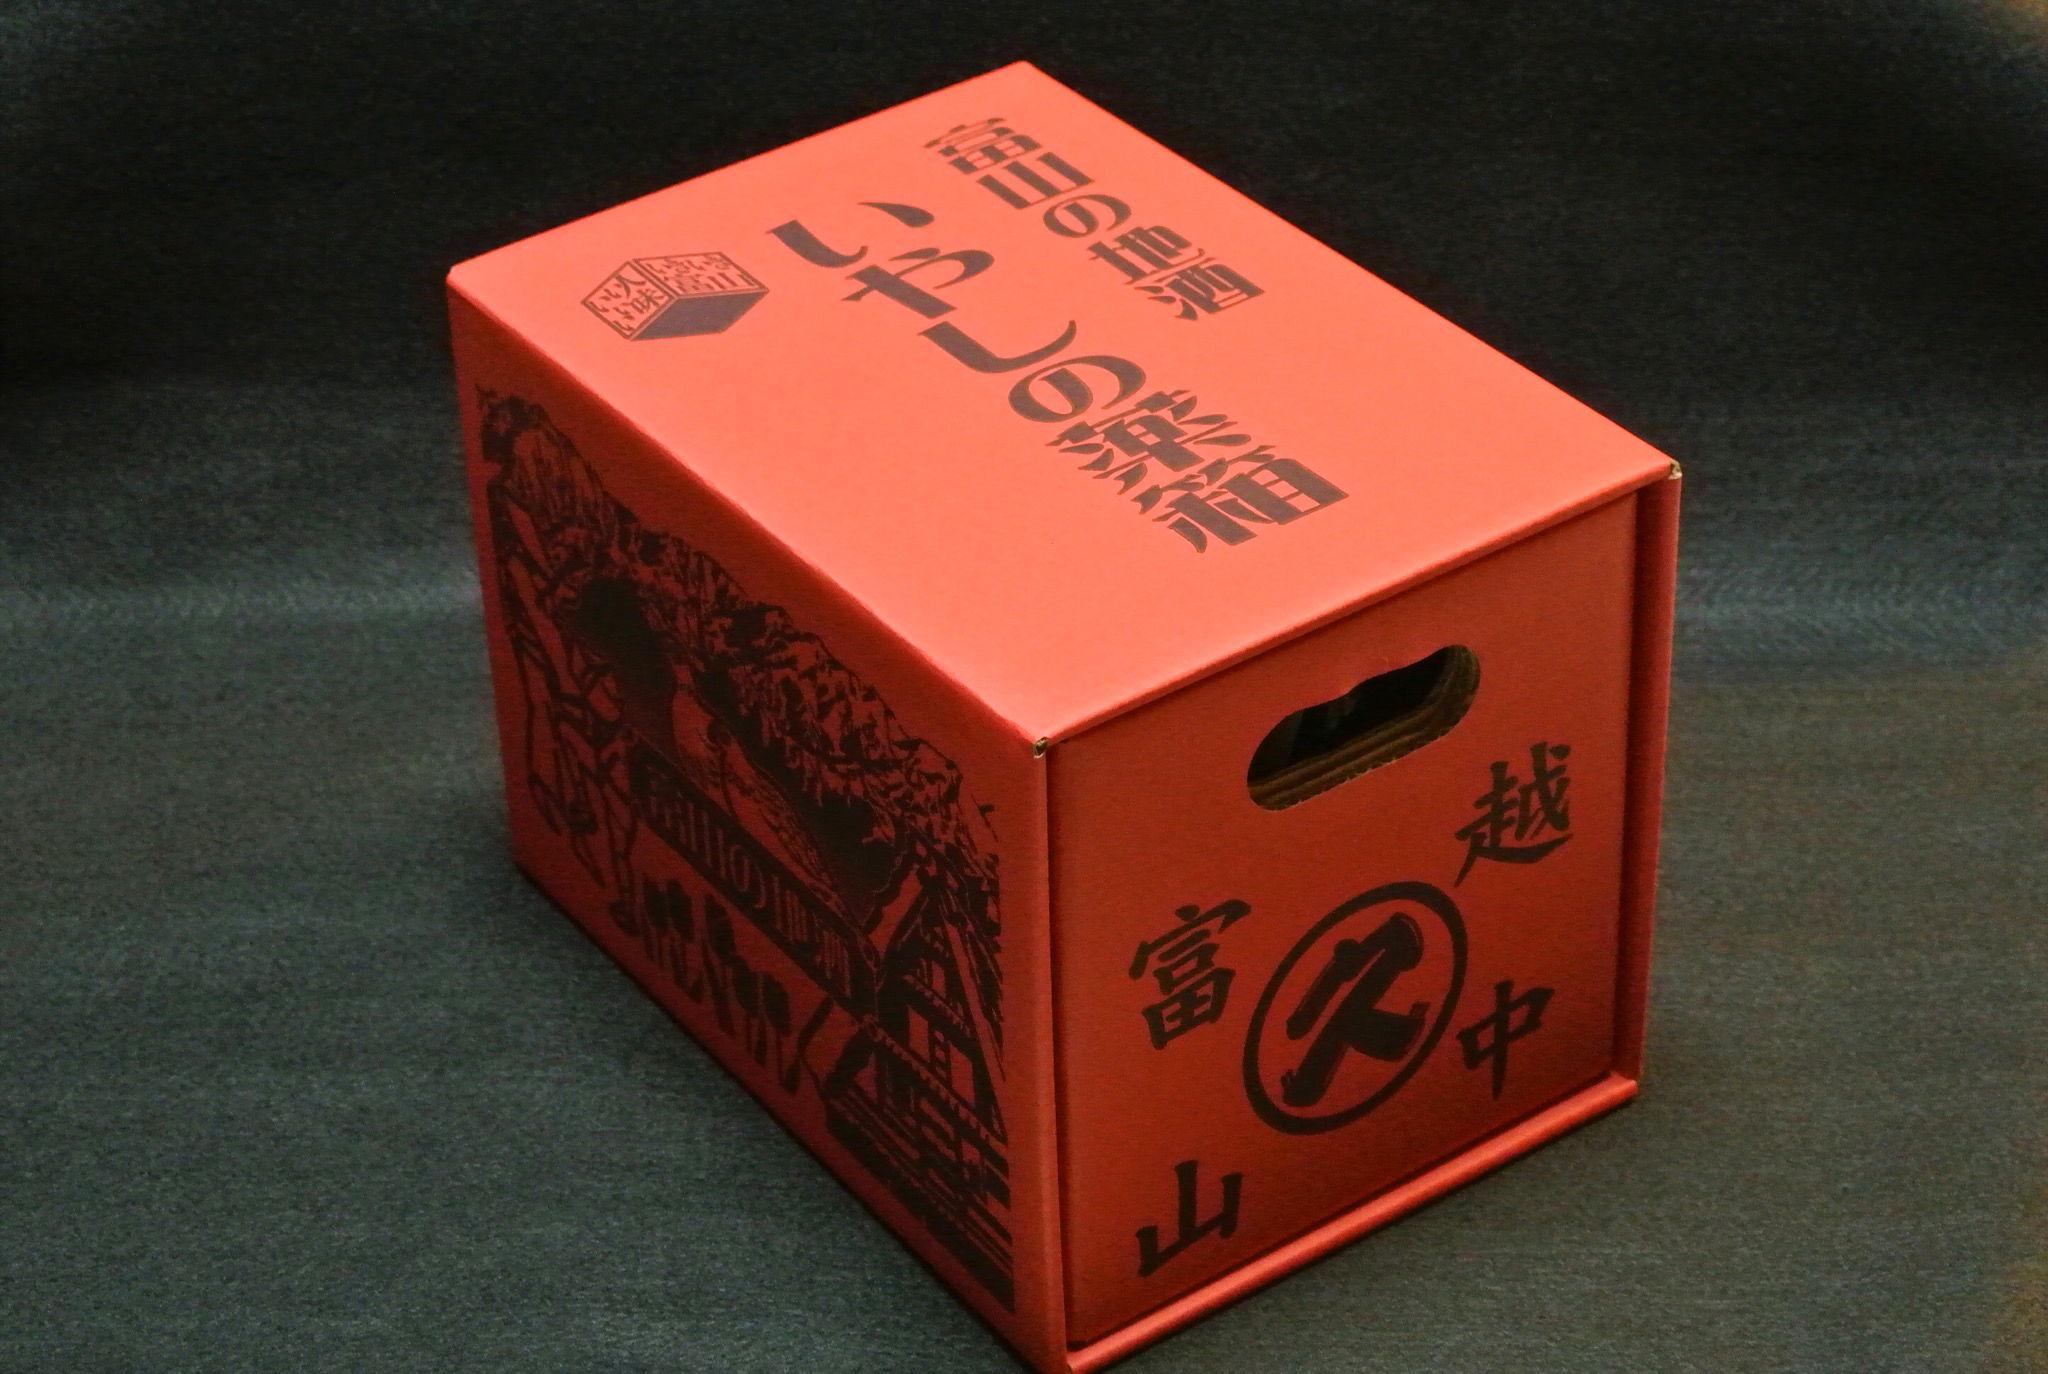 お土産に最適!富山の地酒を送るなら「いやしの薬箱」